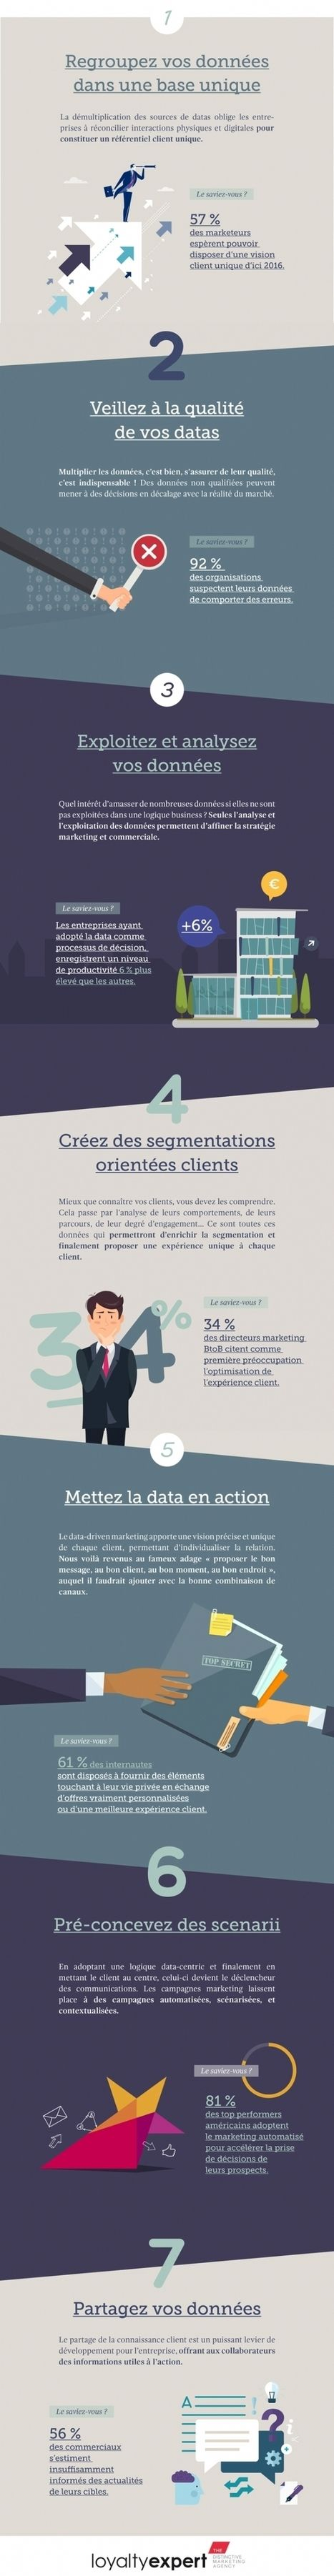 7 étapes-clés pour un marketing orienté intelligence client - Data driven marketing | Lycée Jeanne d'Arc Rennes | Scoop.it